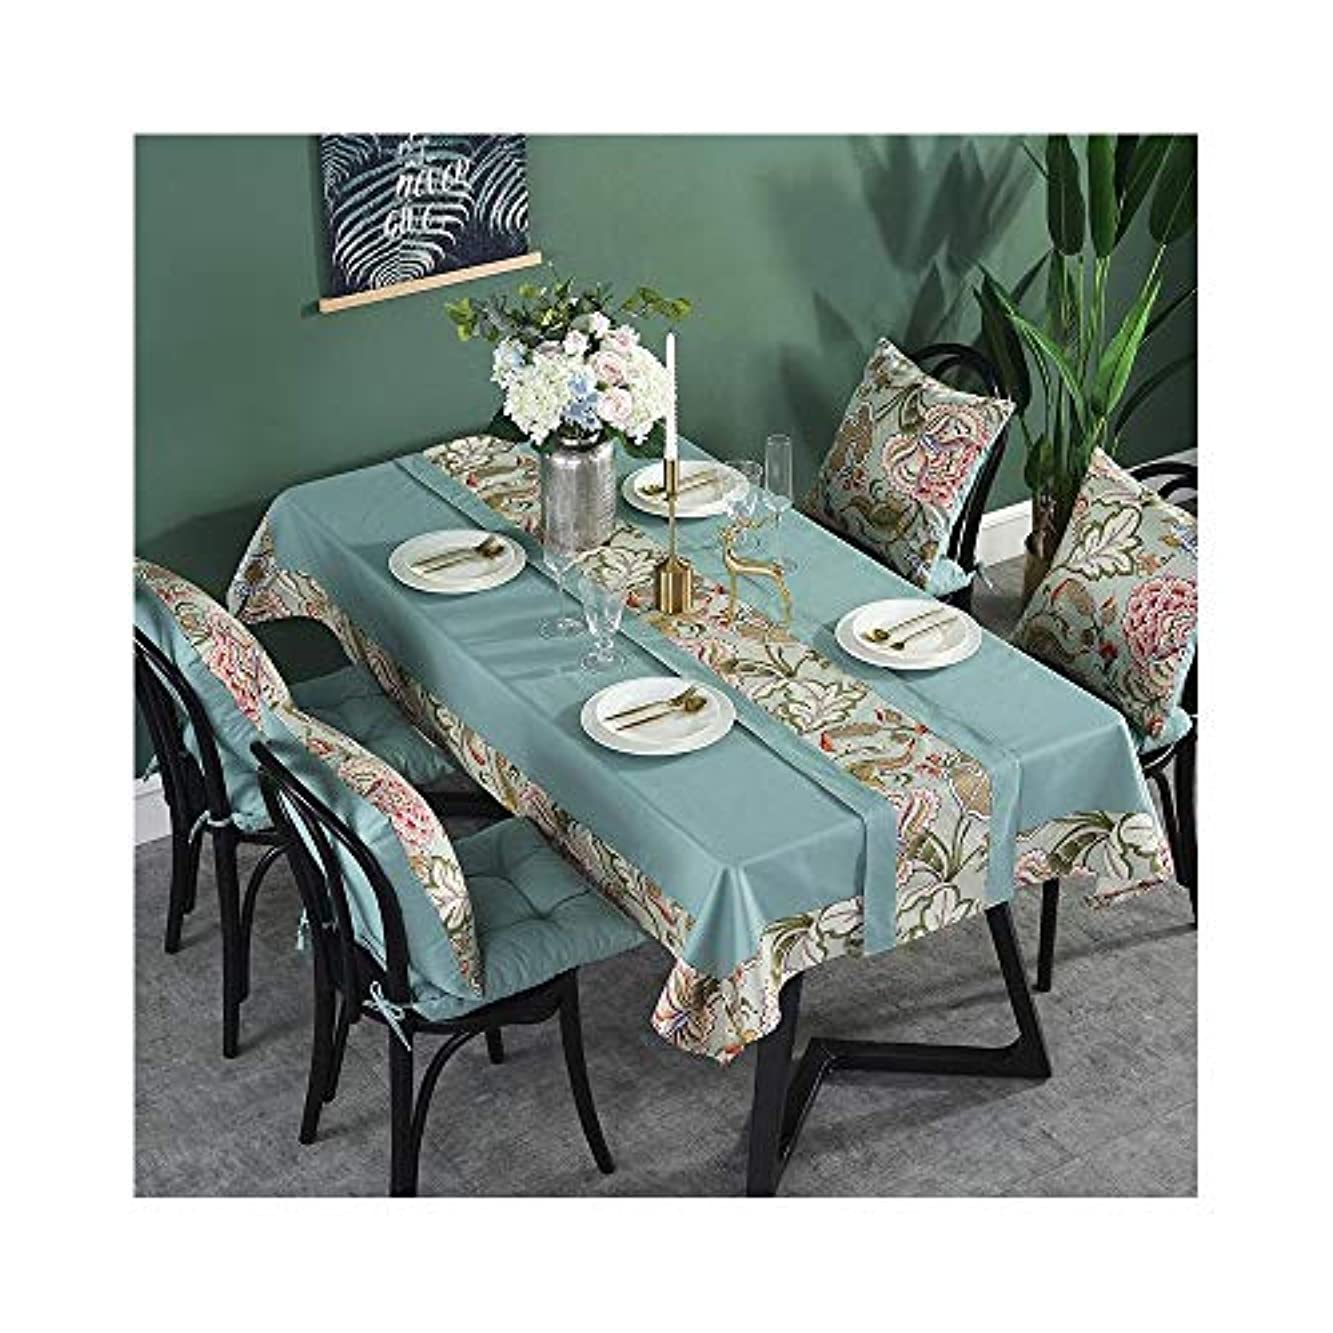 シンプトン兵器庫塩辛いテーブルクロス長方形の家庭用の小さな新鮮な布地のプレースマット防水アンチスカーディングオイル LUYIYI (Color : A, Size : 1.4m*1.8m)